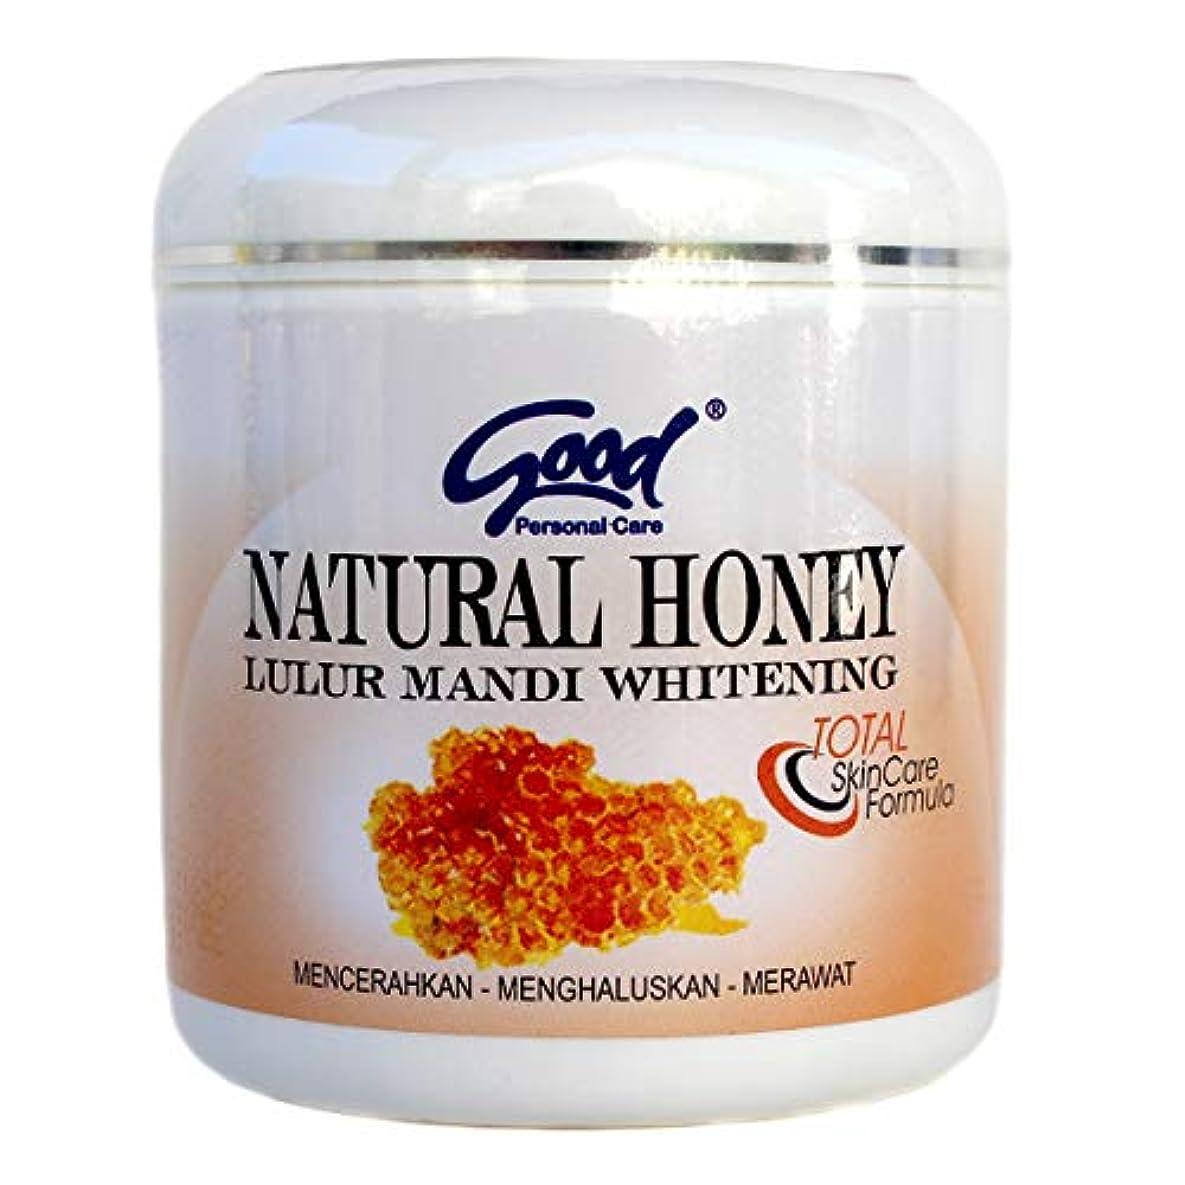 賃金軌道素敵なgood グッド インドネシアバリ島の伝統的なボディスクラブ Lulur Mandi マンディルルール 200g Natural Honey ナチュラルハニー [海外直送品]